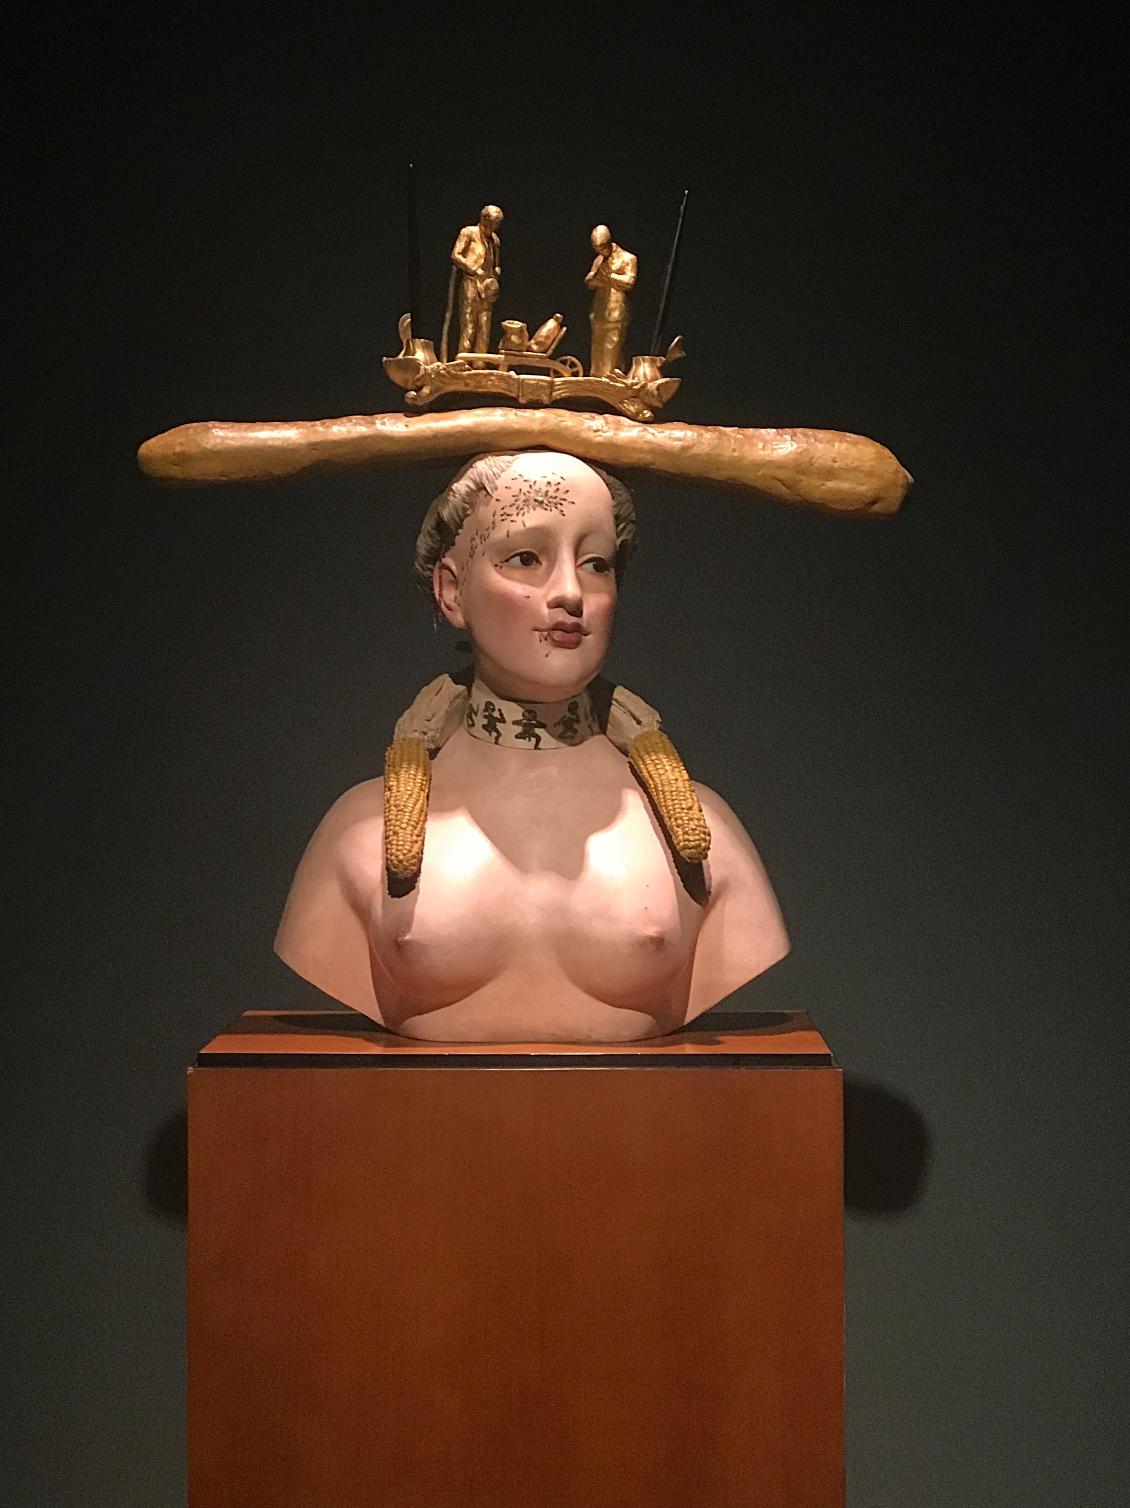 dali sculpture - museo de botero